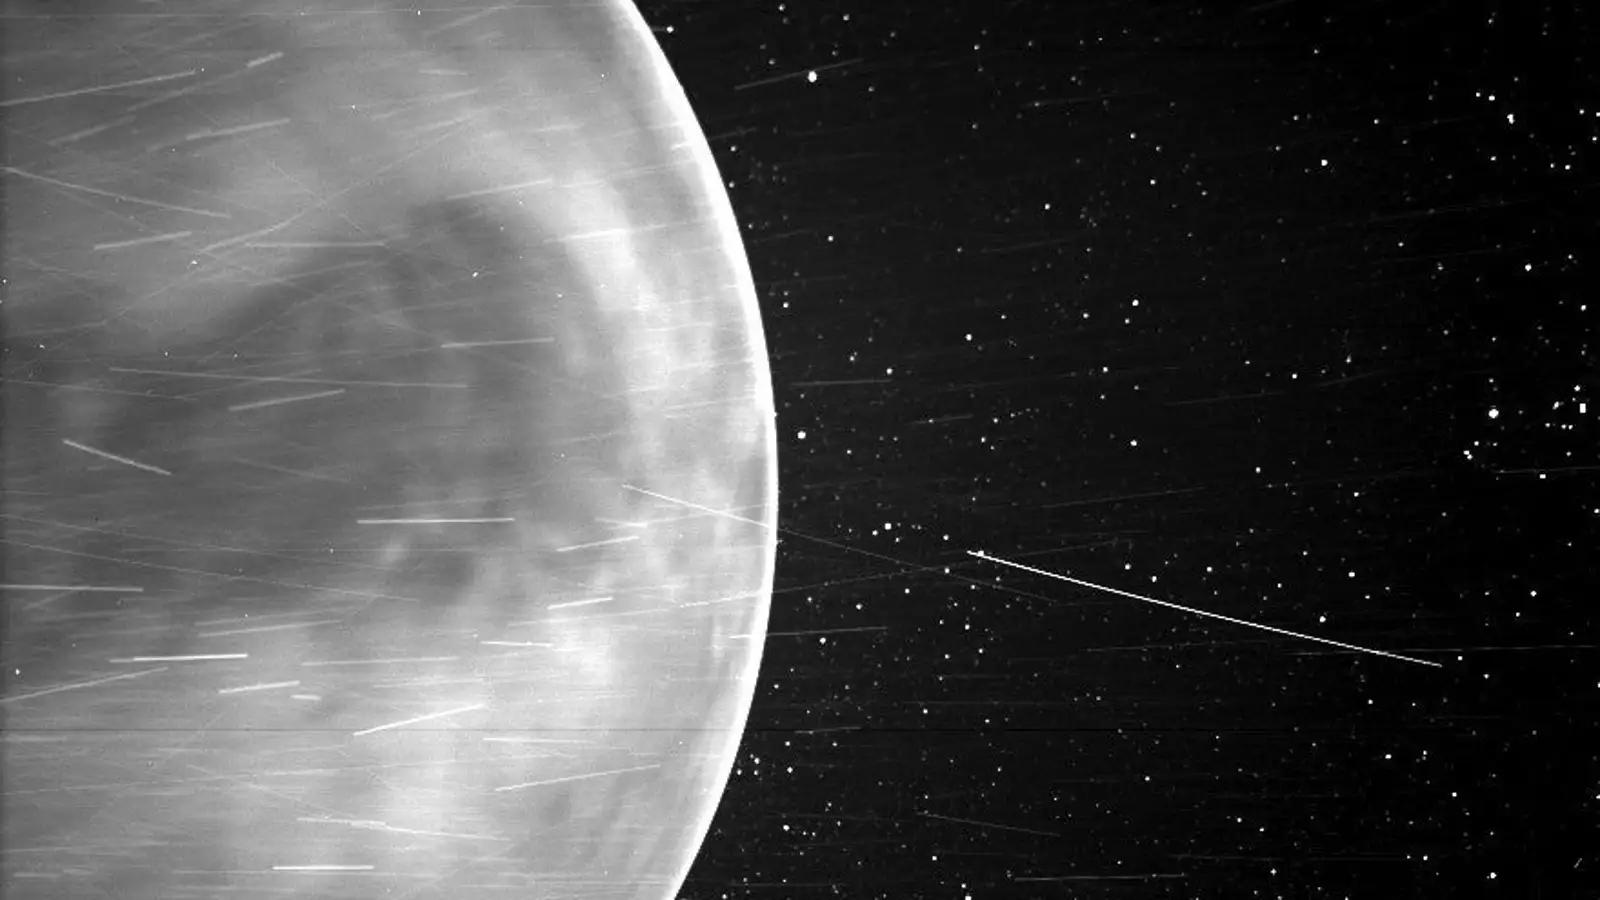 Изучаем атмосферу Венеры: получены новые данные с зонда «Паркер» - 1